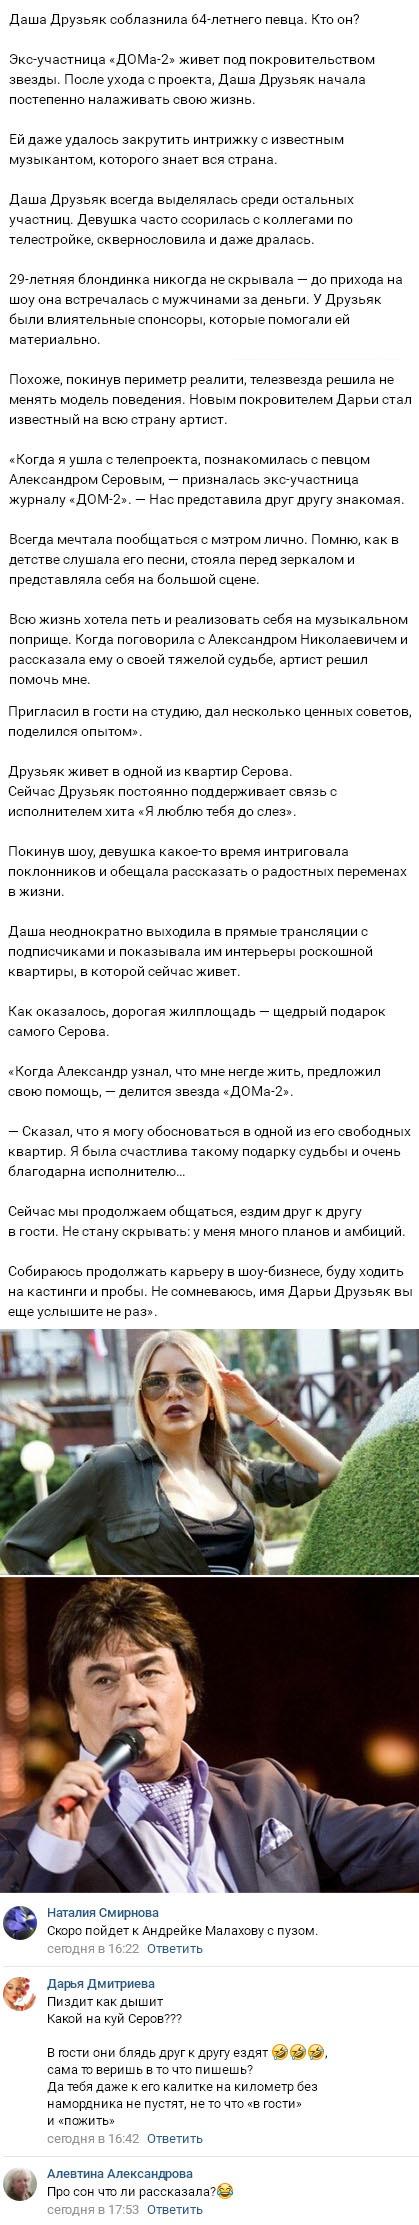 Дарья Друзьяк смогла соблазнить популярного певца Александра Серова